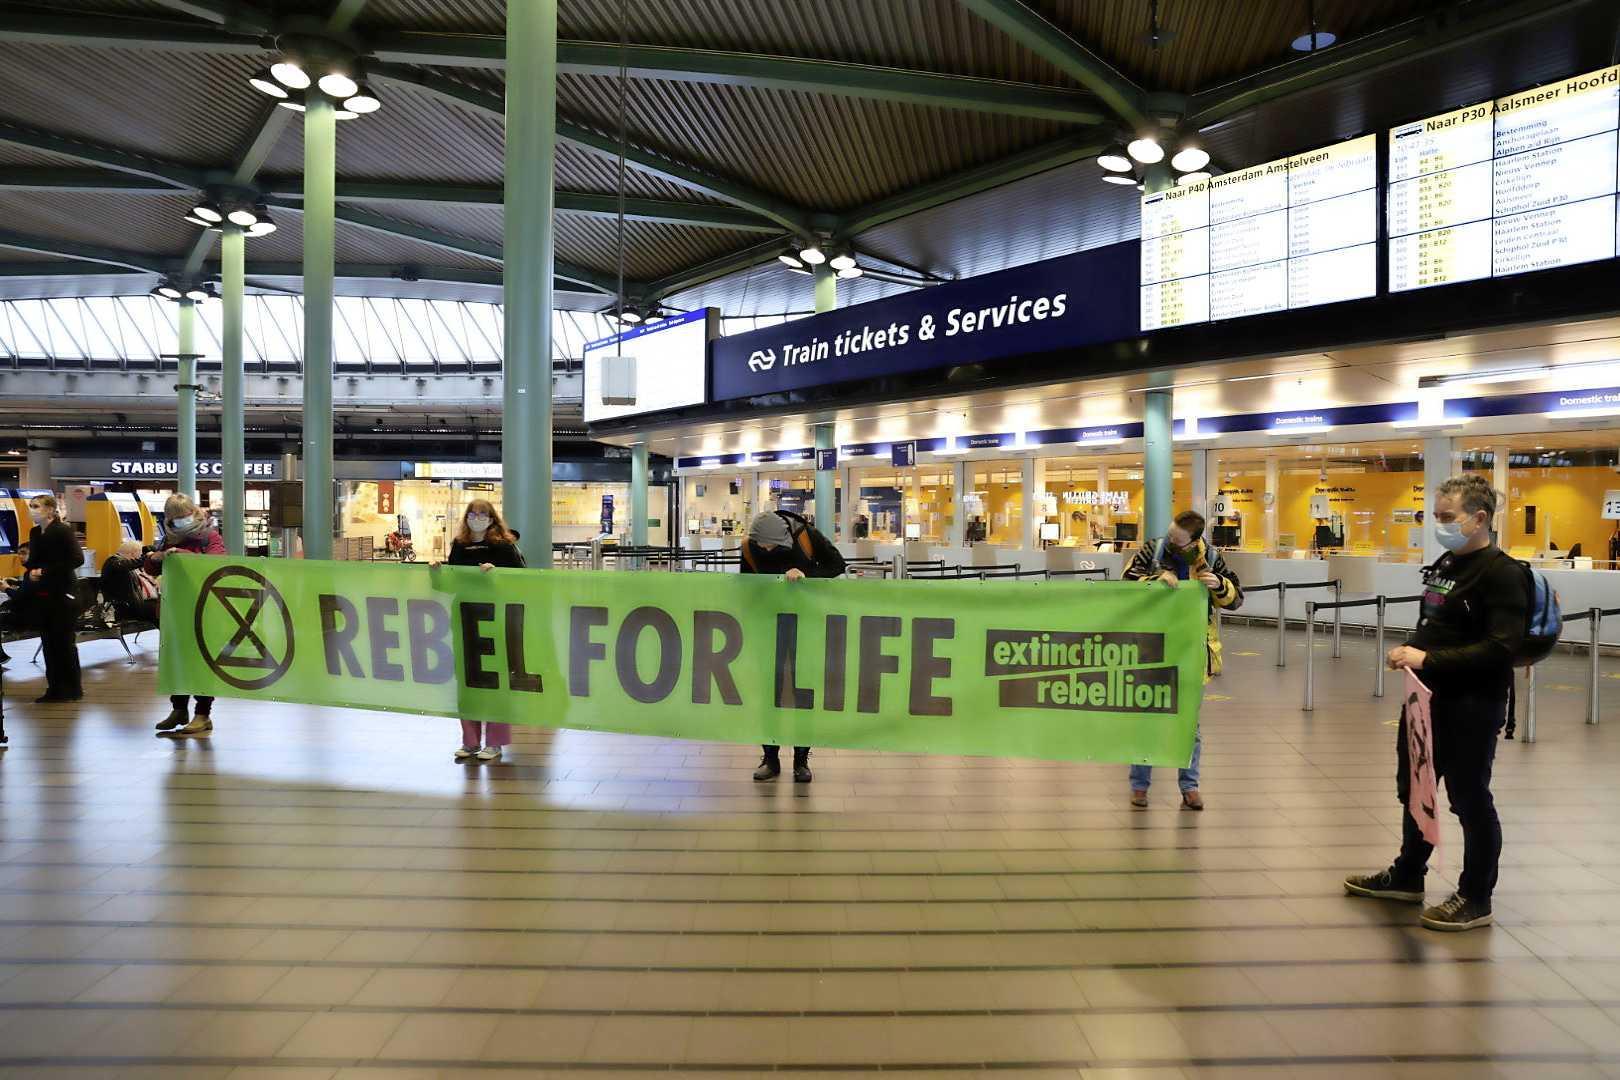 Extinction Rebellion voert actie op Schiphol. Demonstranten hebben zich vastgelijmd aan de incheckbalies, 7 arrestaties